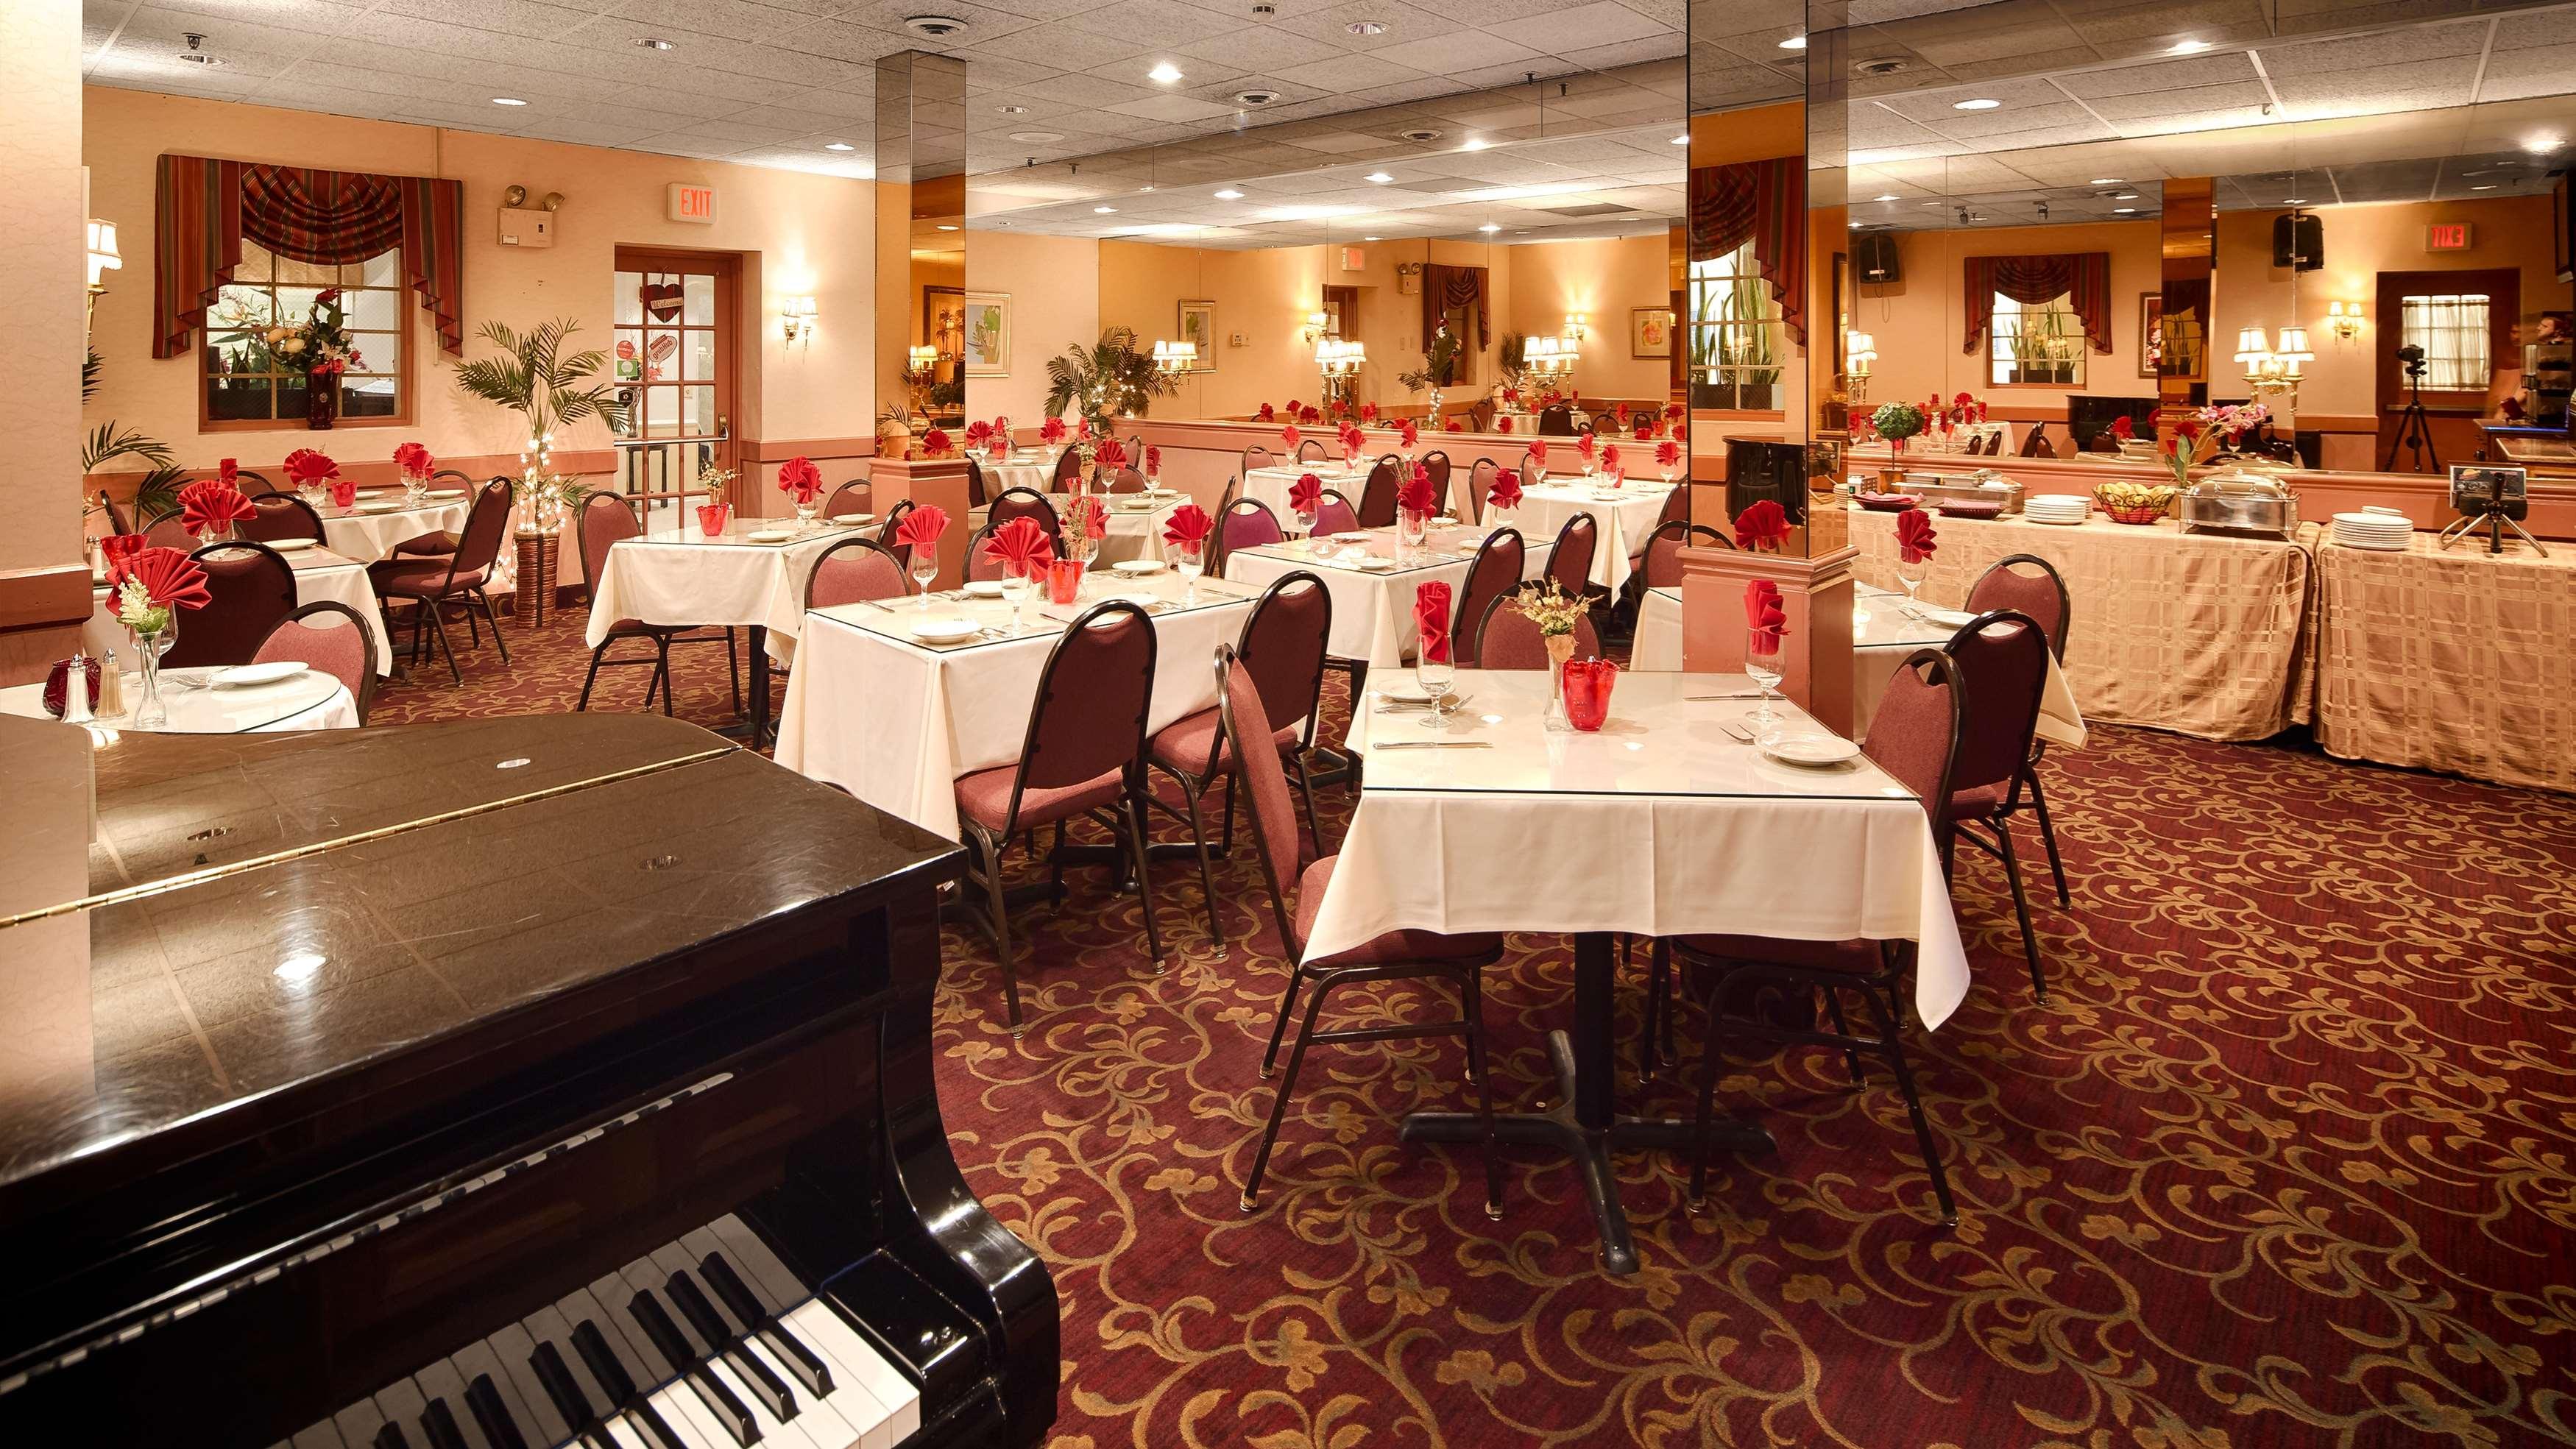 Best Western Plus Morristown Inn image 6